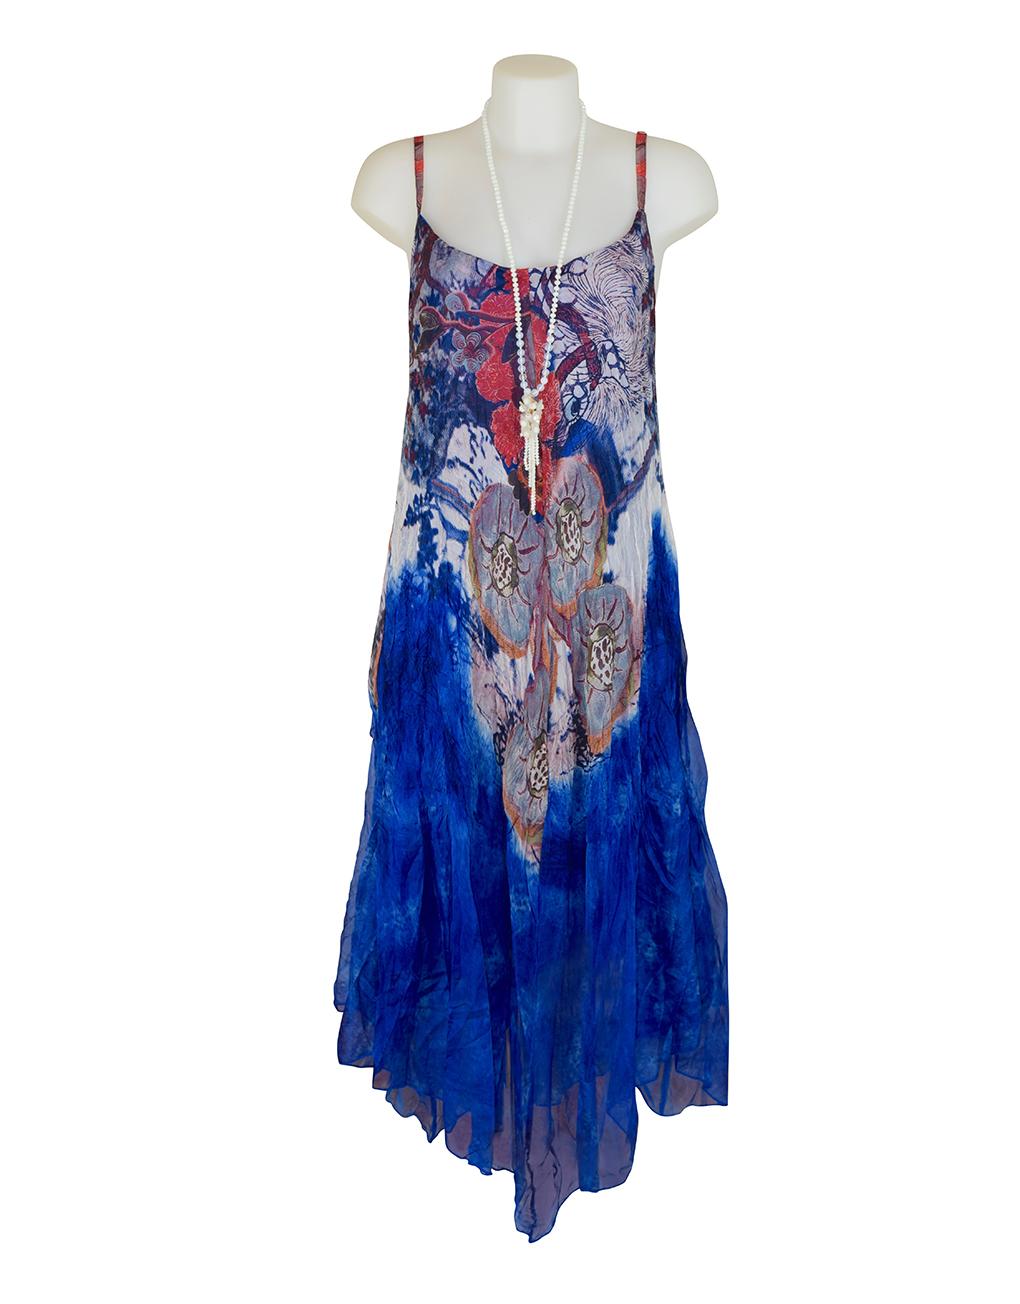 Sensations Pour Elle Royal Blue Abstract Print Maxi Dress One Size / T